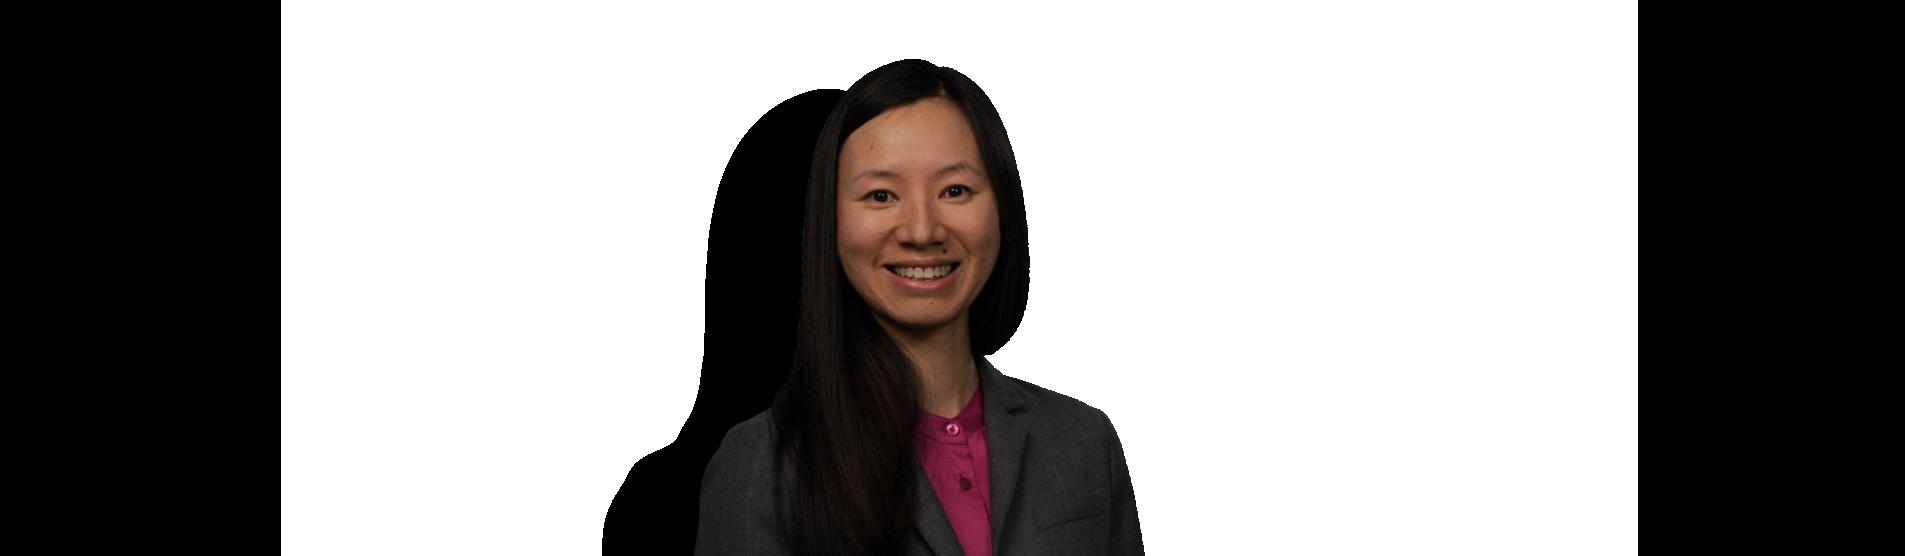 Headshot of Jing Shi